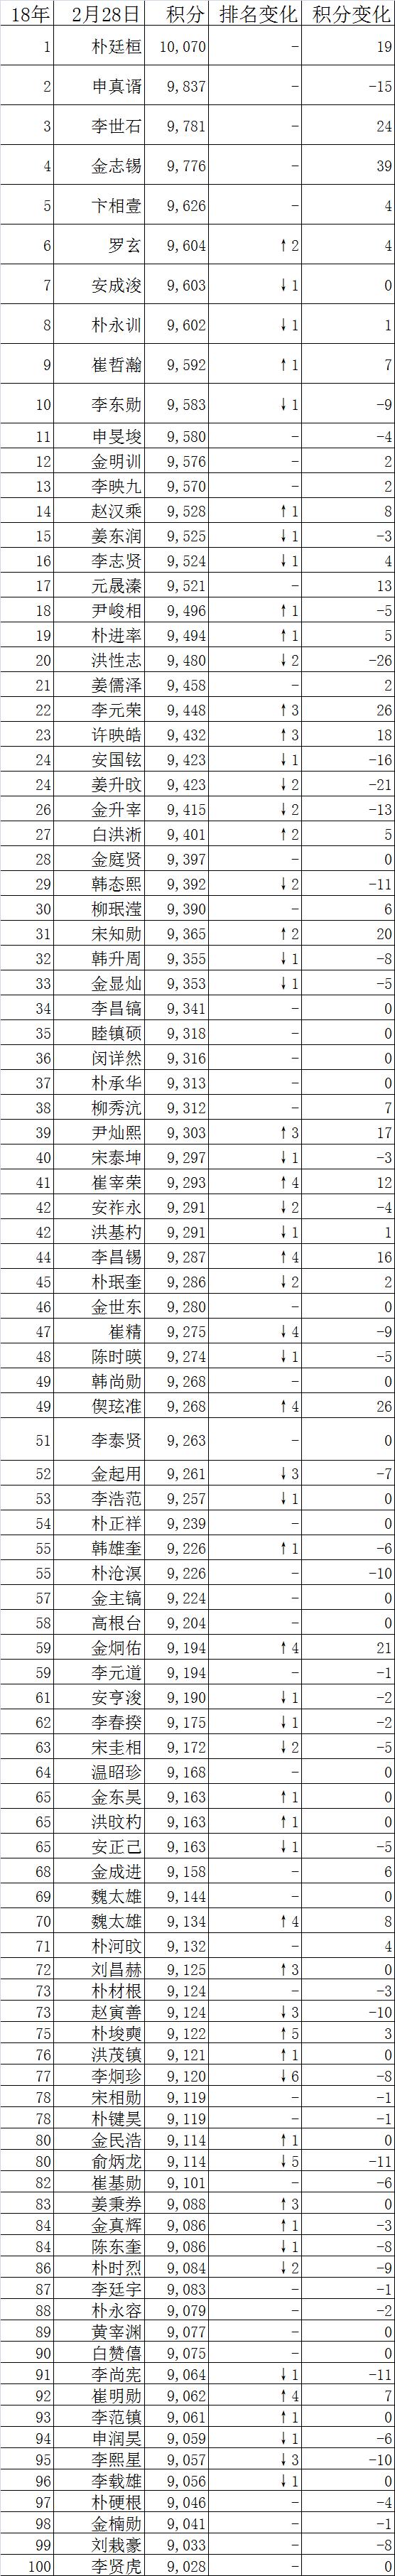 韩国排名:朴廷桓继续刷榜 金志锡紧追李世石